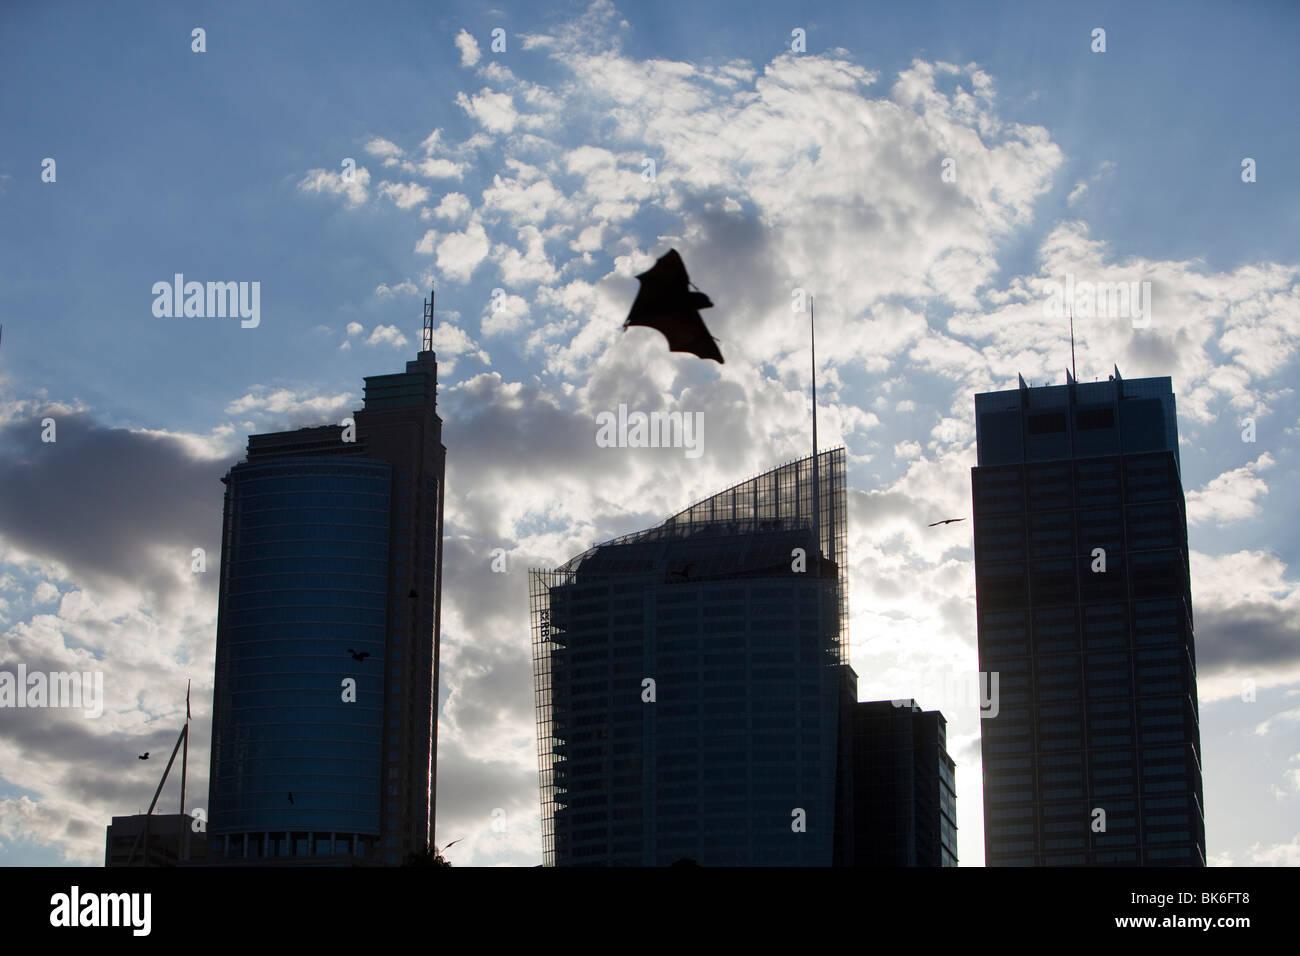 Le volpi volanti battenti nella parte anteriore del centro cittadino di Sydney tower blocchi, Australia. Foto Stock